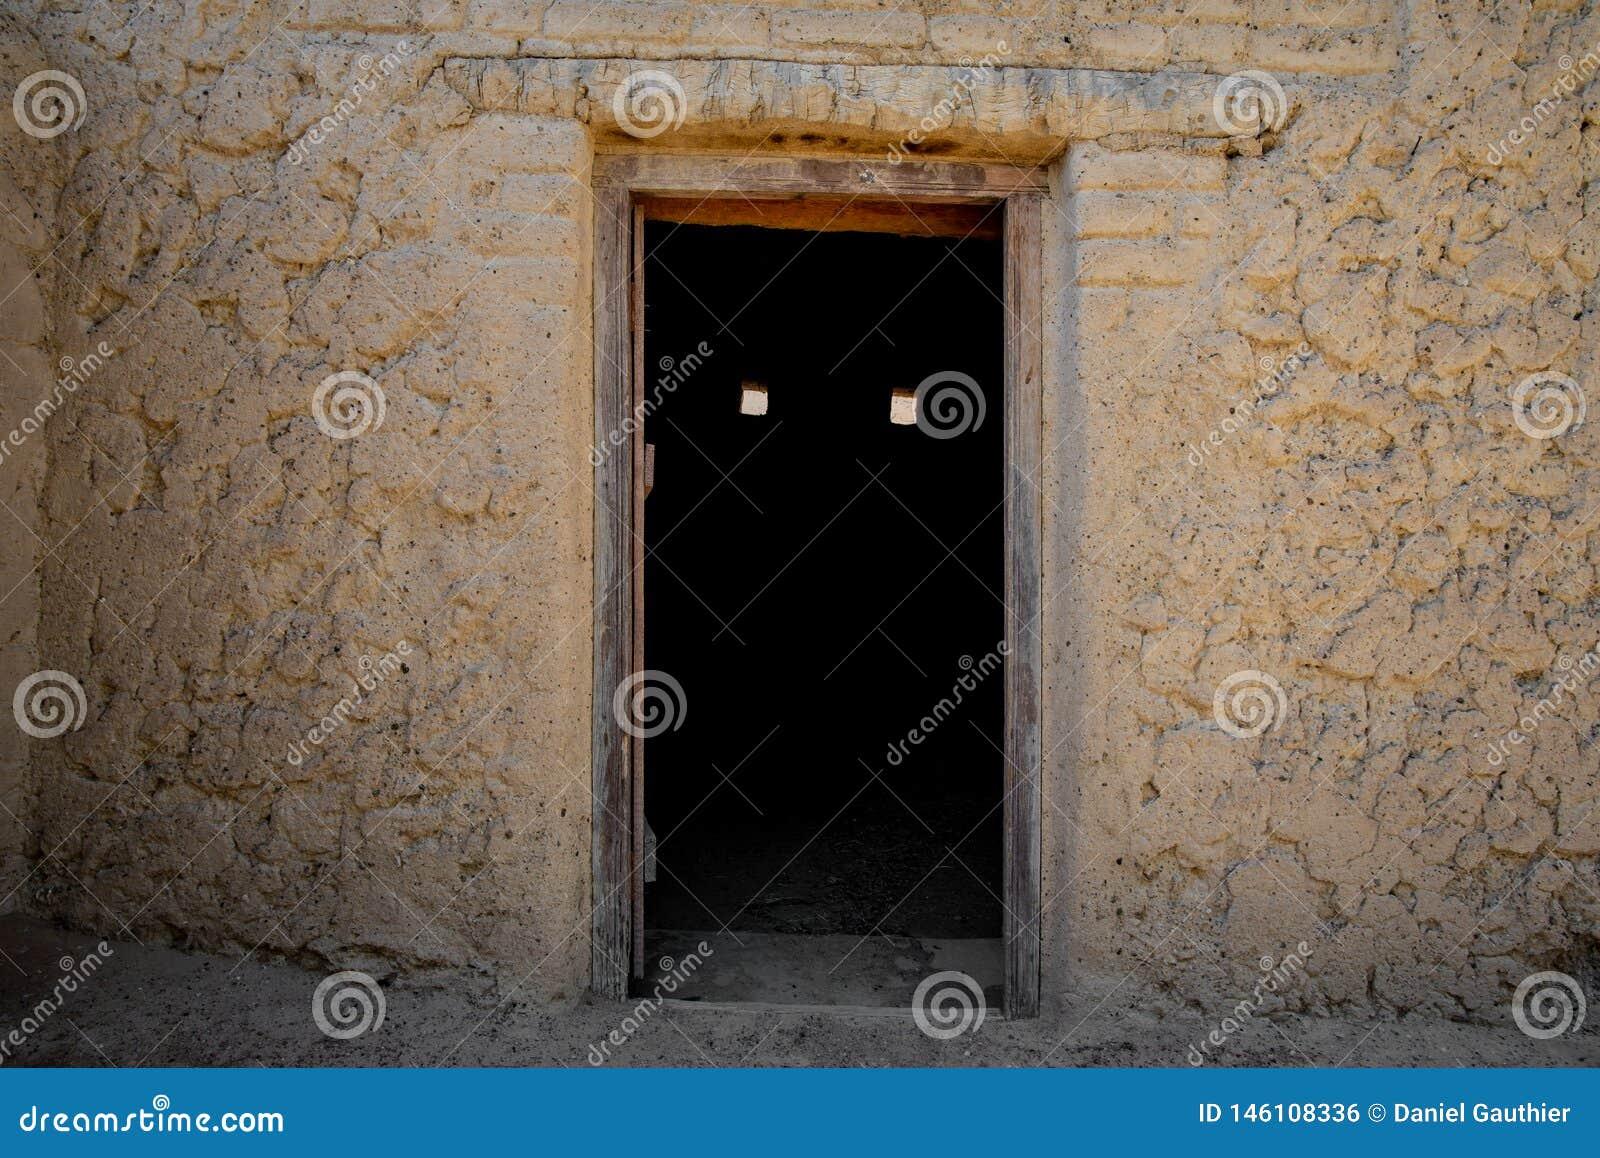 Griezelige deur in Al Qattara Oasis